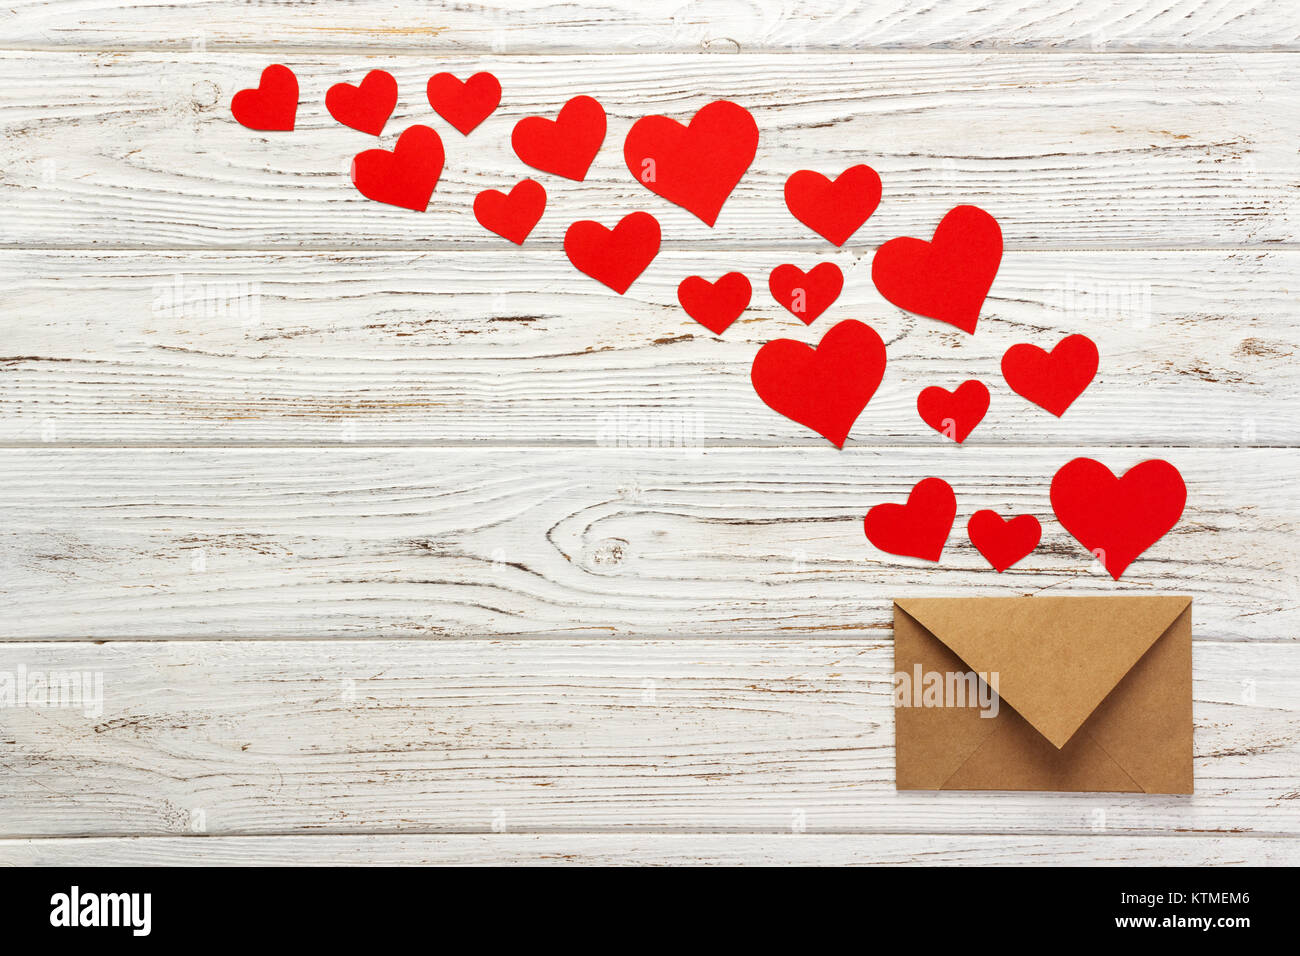 Brief An Valentinstag Schreiben Liebe Umschlag Mit Roten Herzen Auf